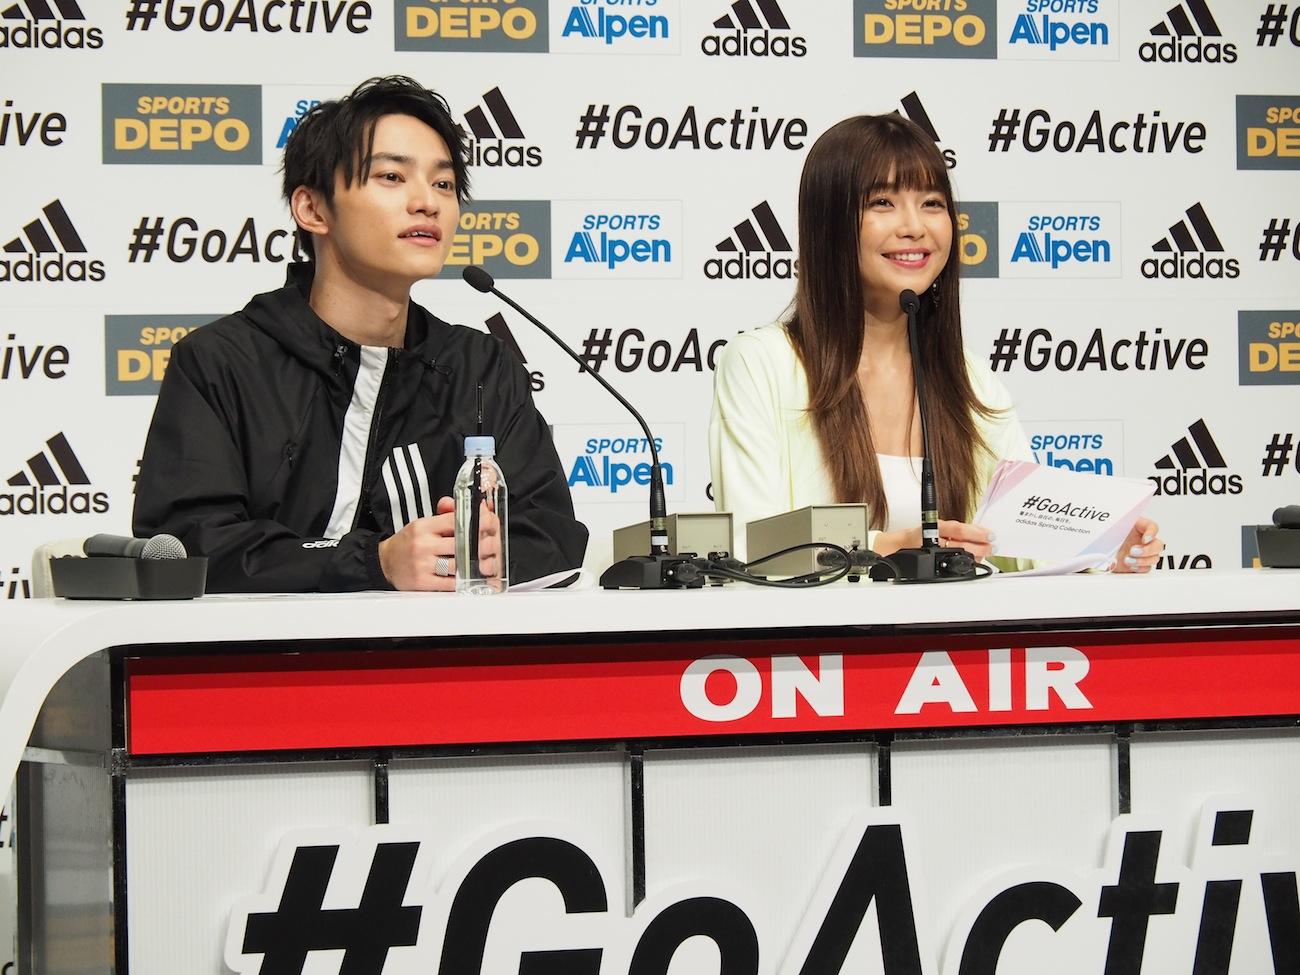 AAA・宇野実彩子とSKY-HI/大型スポーツ用品店アルペンと、マルチスポーツブランドのアディダスが共同で企画する「ADIDAS #GoActive キャンペーン」のWEB新CM発表会にて(2019年3月15日)